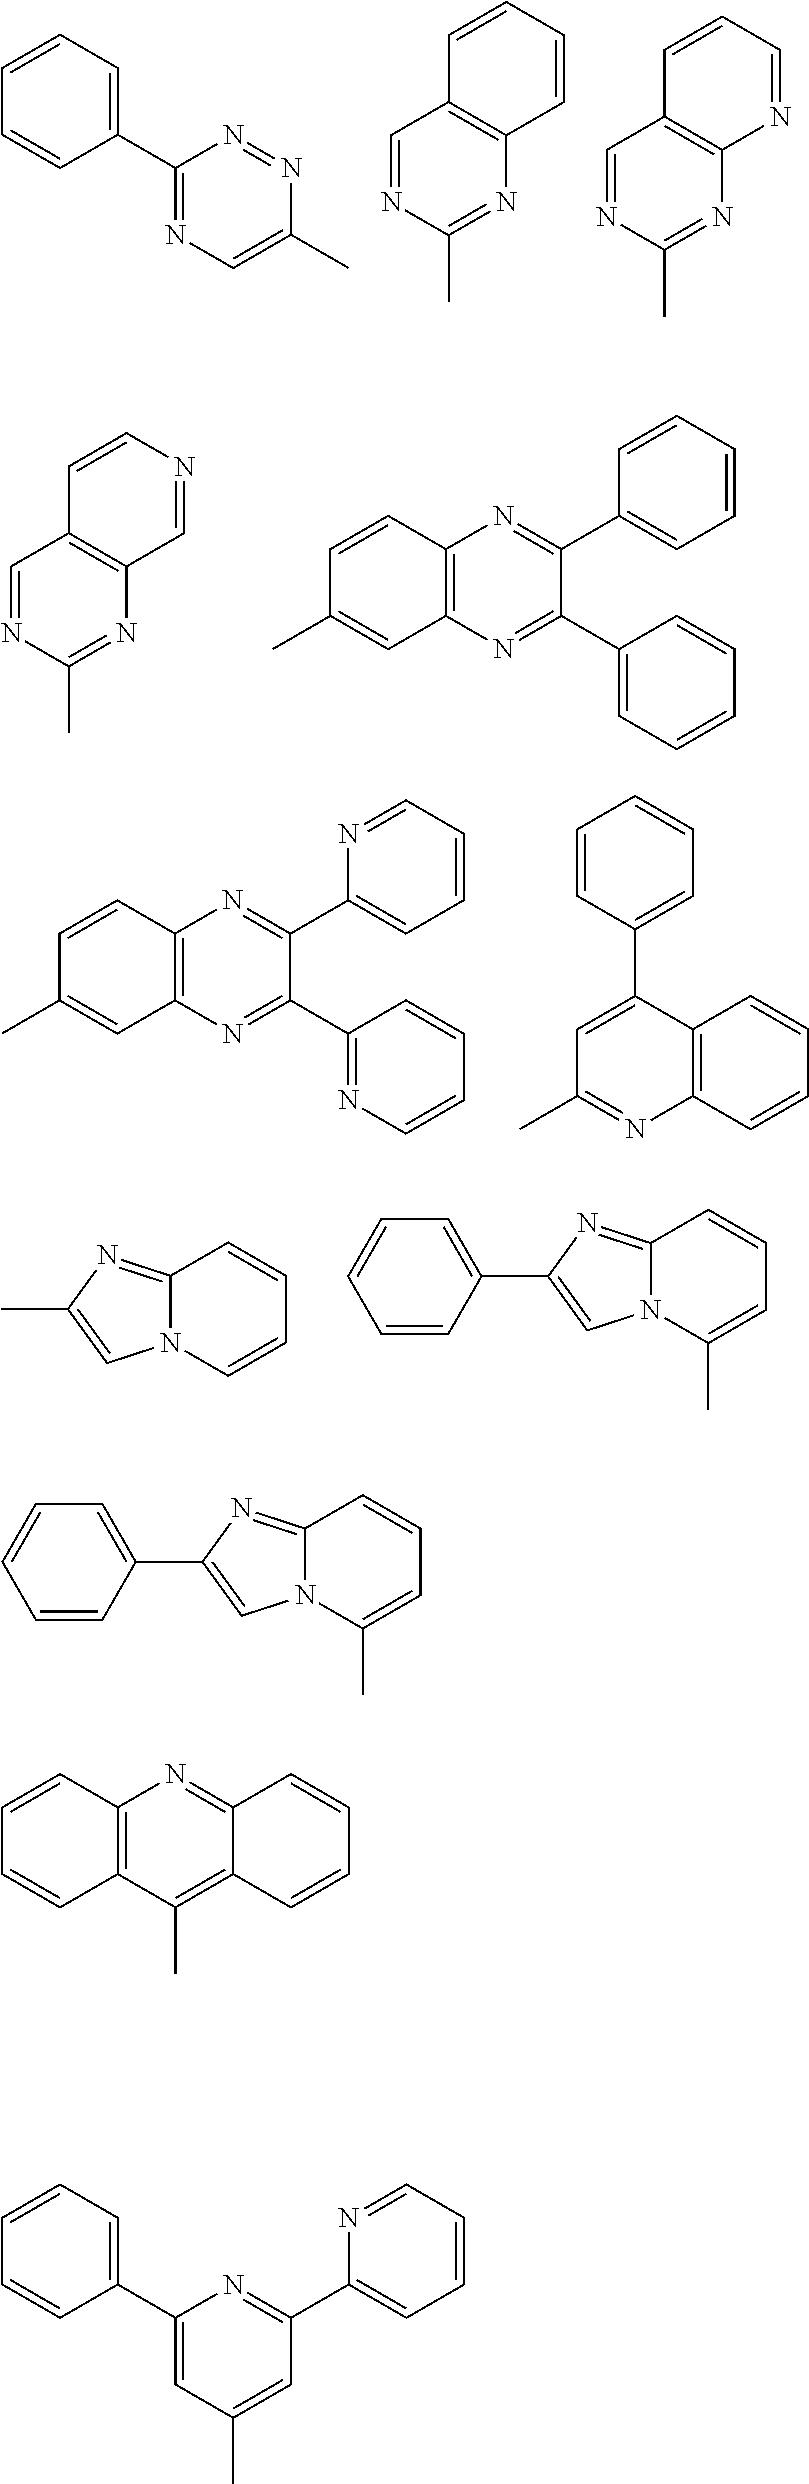 Figure US09837615-20171205-C00111